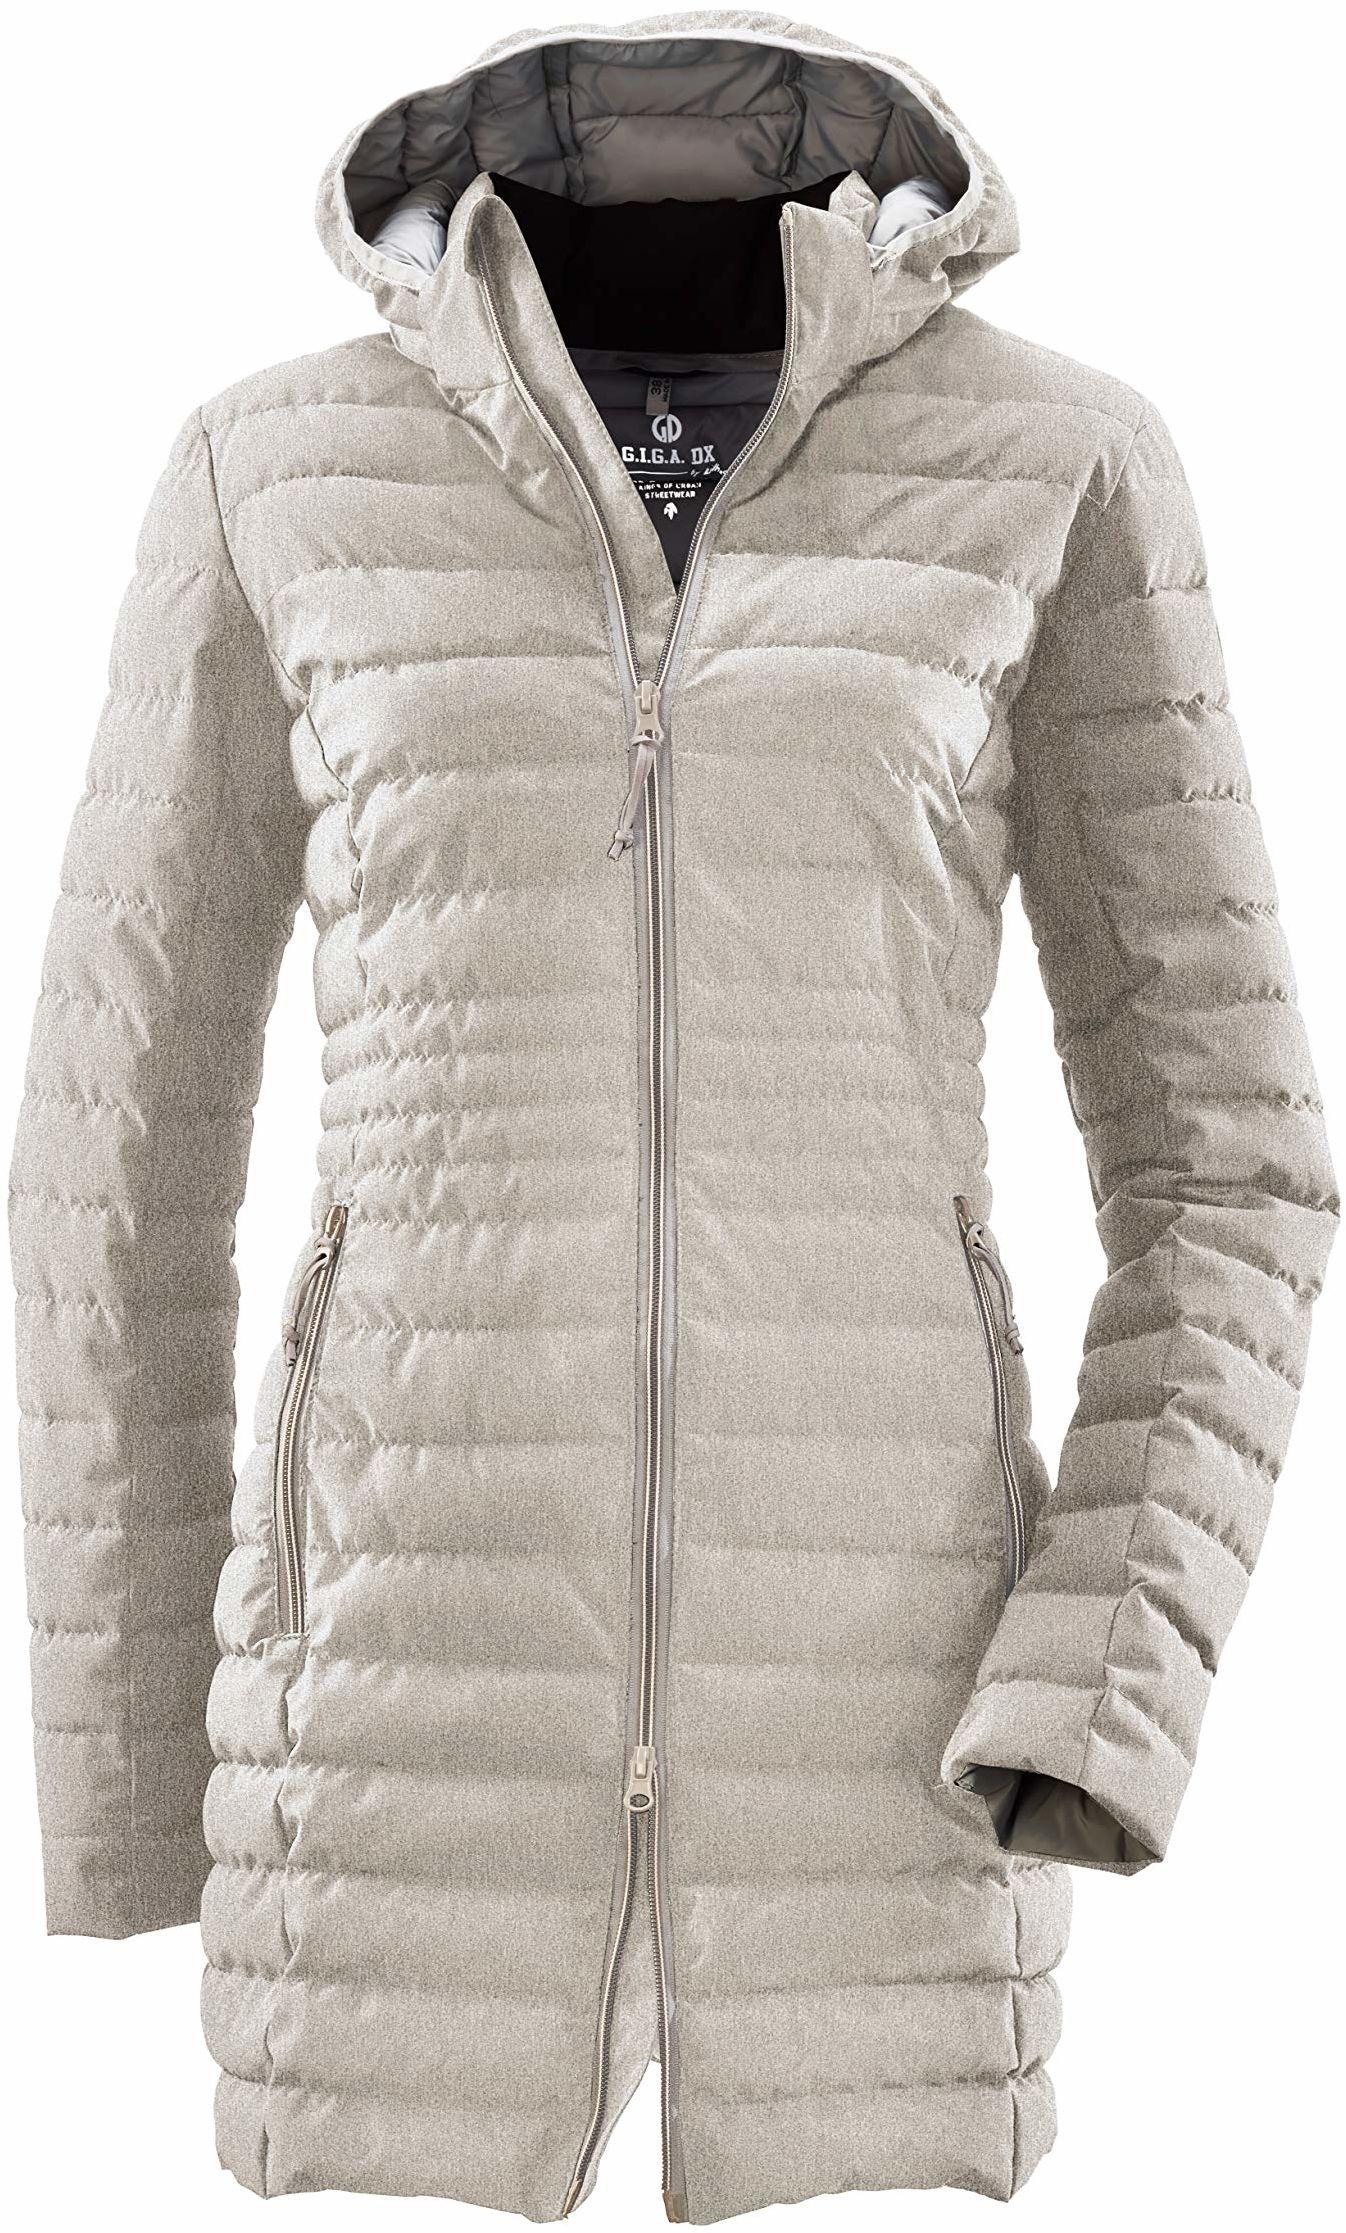 G.I.G.A. DX Bacarya damski płaszcz pikowany  parka funkcyjna z kapturem  długa kurtka pikowana  płaszcz przejściowy o wyglądzie puchu, jasnoszary, 46